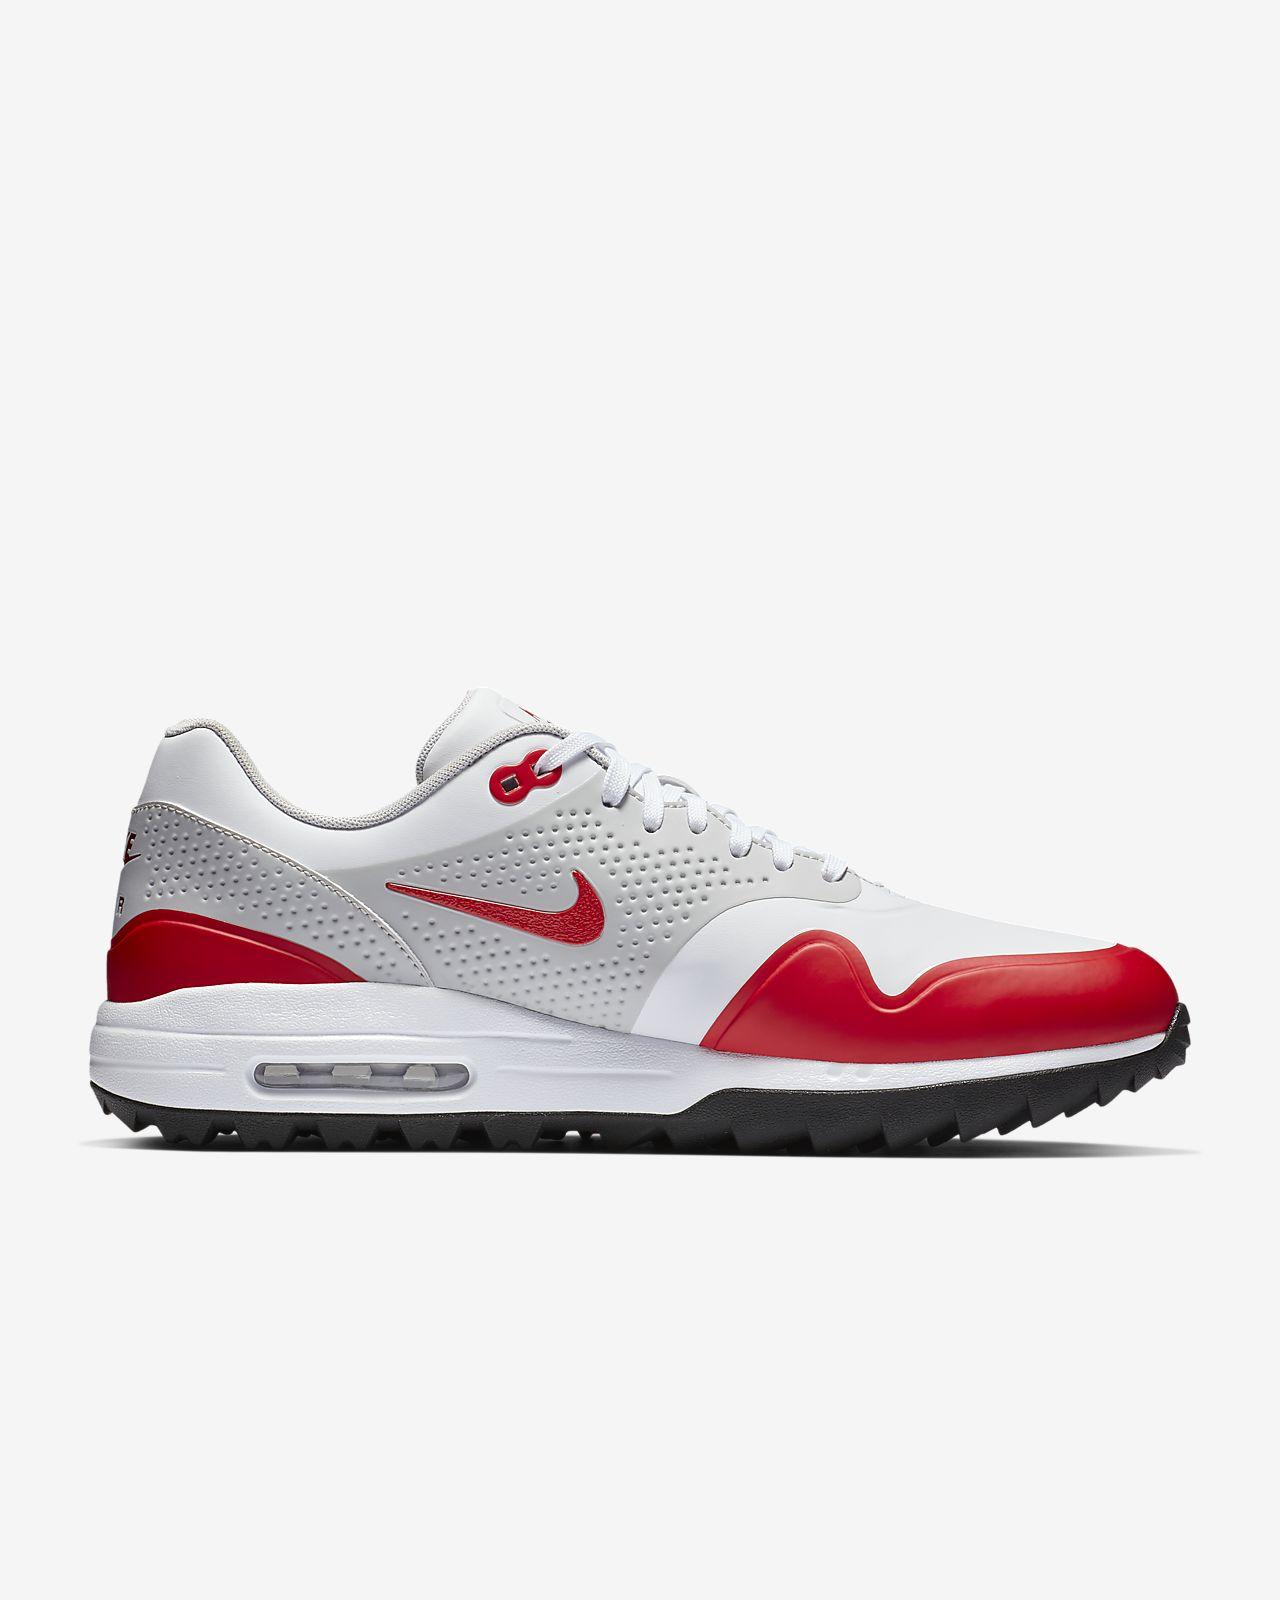 online retailer 76396 faf53 ... Golfsko Nike Air Max 1 G för män